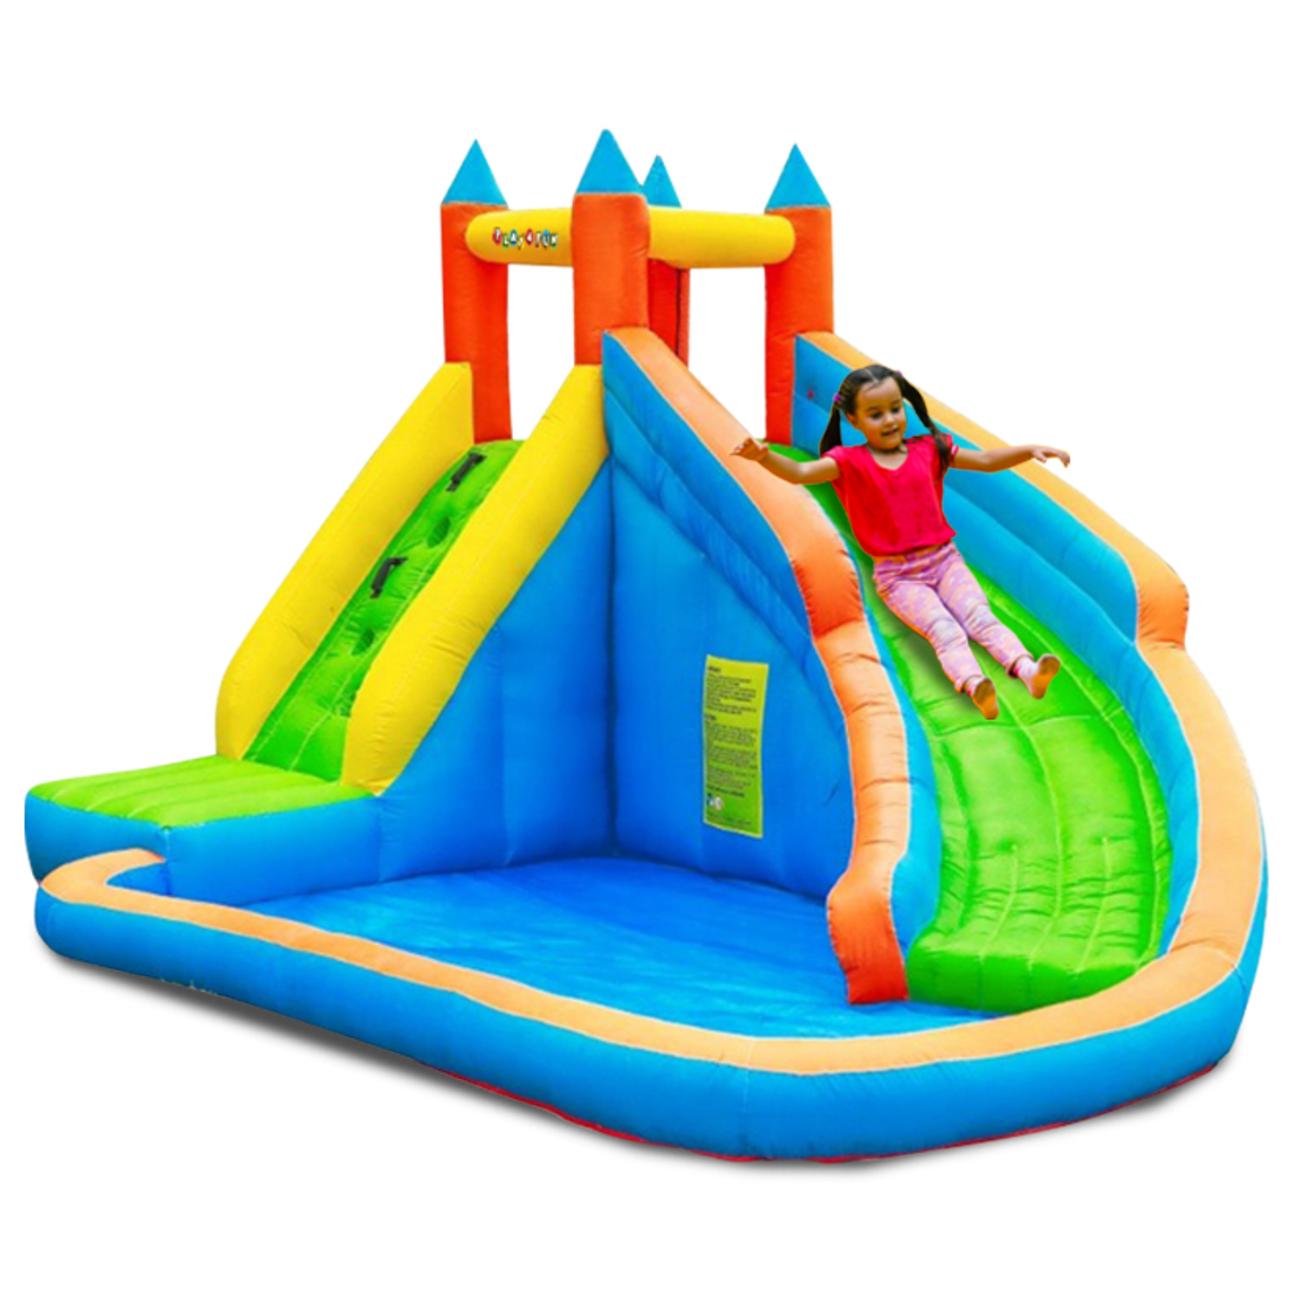 Play4Fun Château Aquatique Gonflable Pour Enfants 4M - Aire De Jeux Avec  Escalade, Tobbogan Et Piscine - Play4Fun intérieur Aire De Jeux Gonflable Piscine